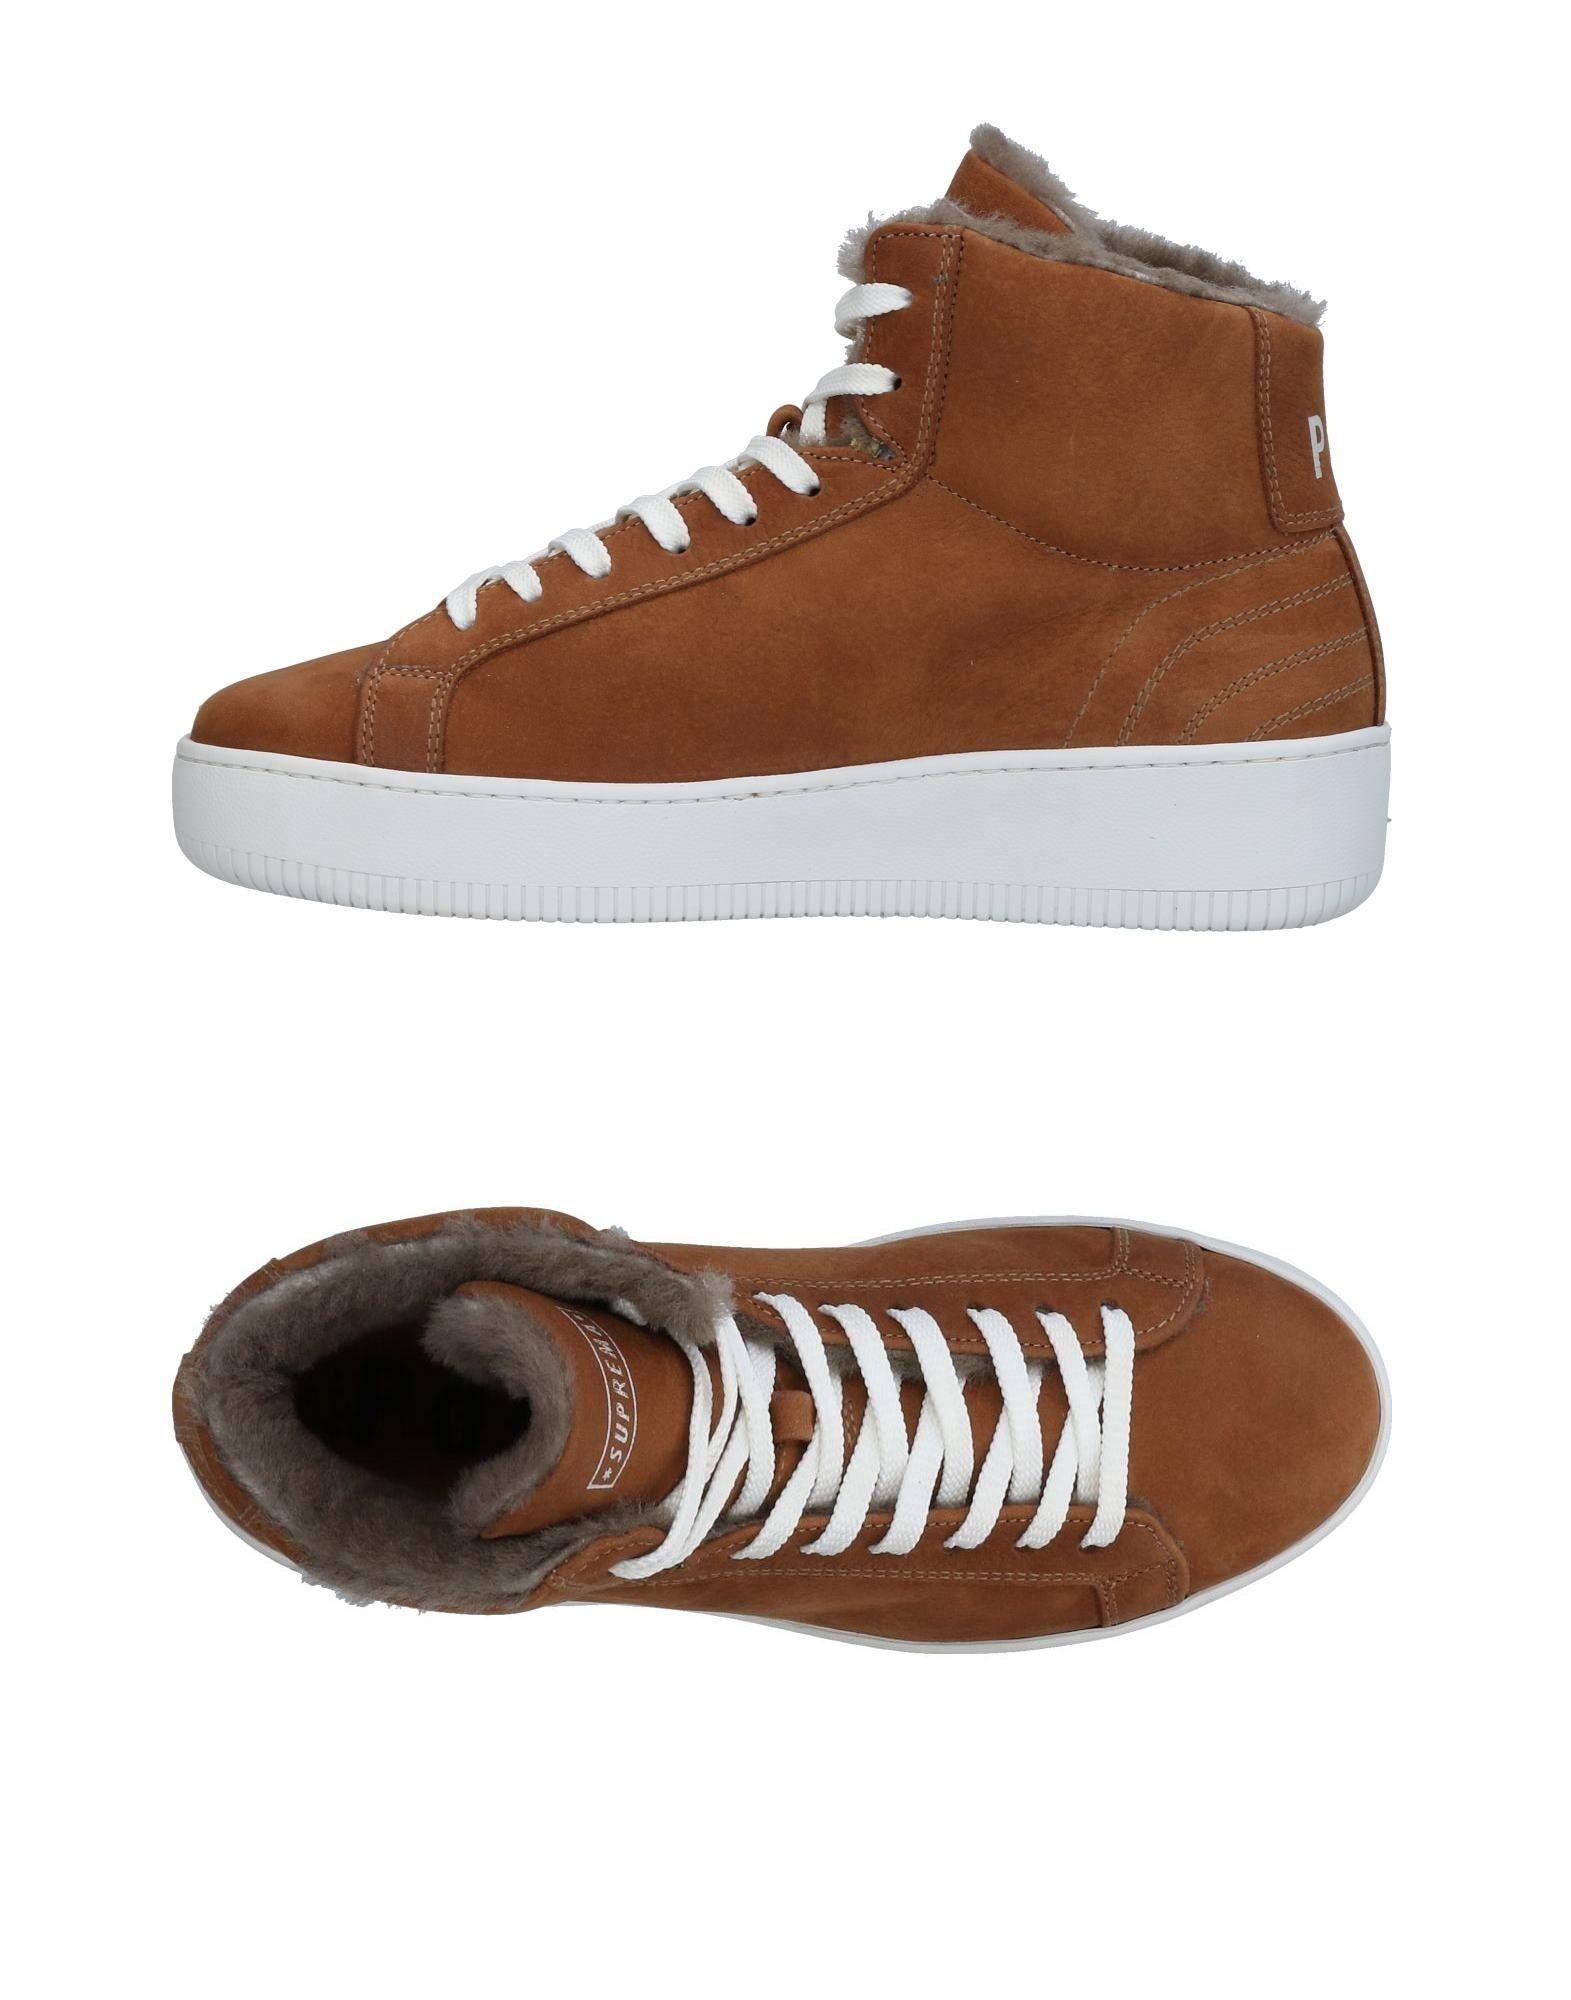 Stilvolle Sneakers billige Schuhe Pantofola D'oro Sneakers Stilvolle Damen  11457126AK 3222de